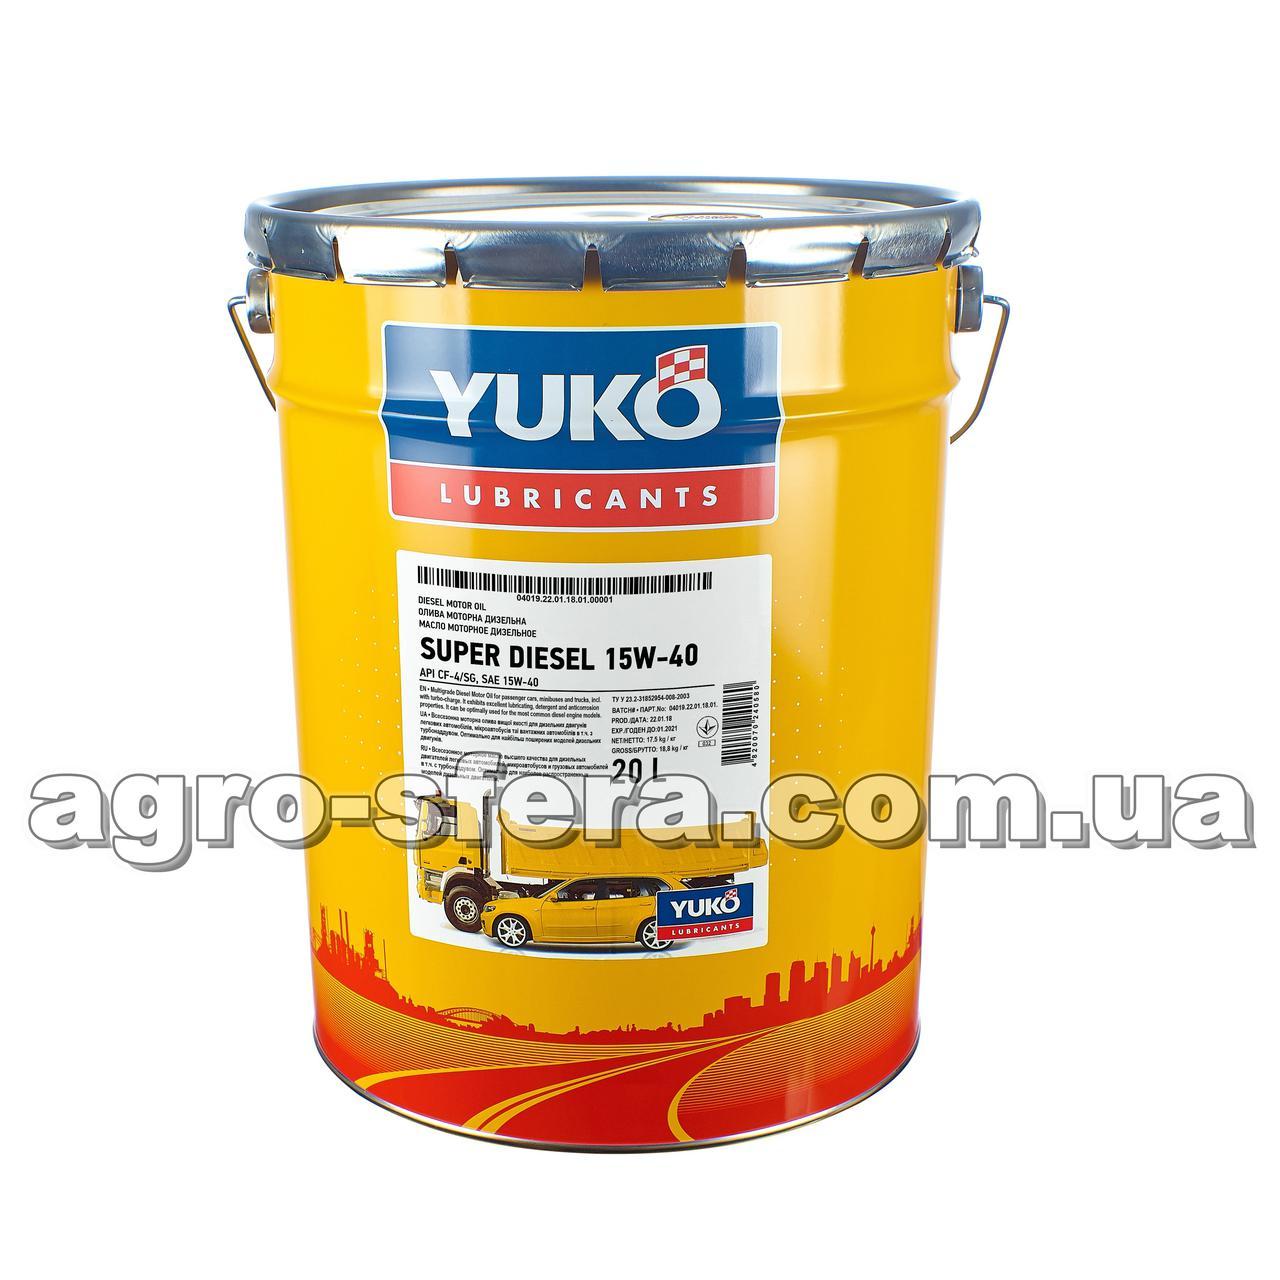 Масло моторное Юкойл SUPER DIESEL 15W-40 (20 л.) минеральное YUKO